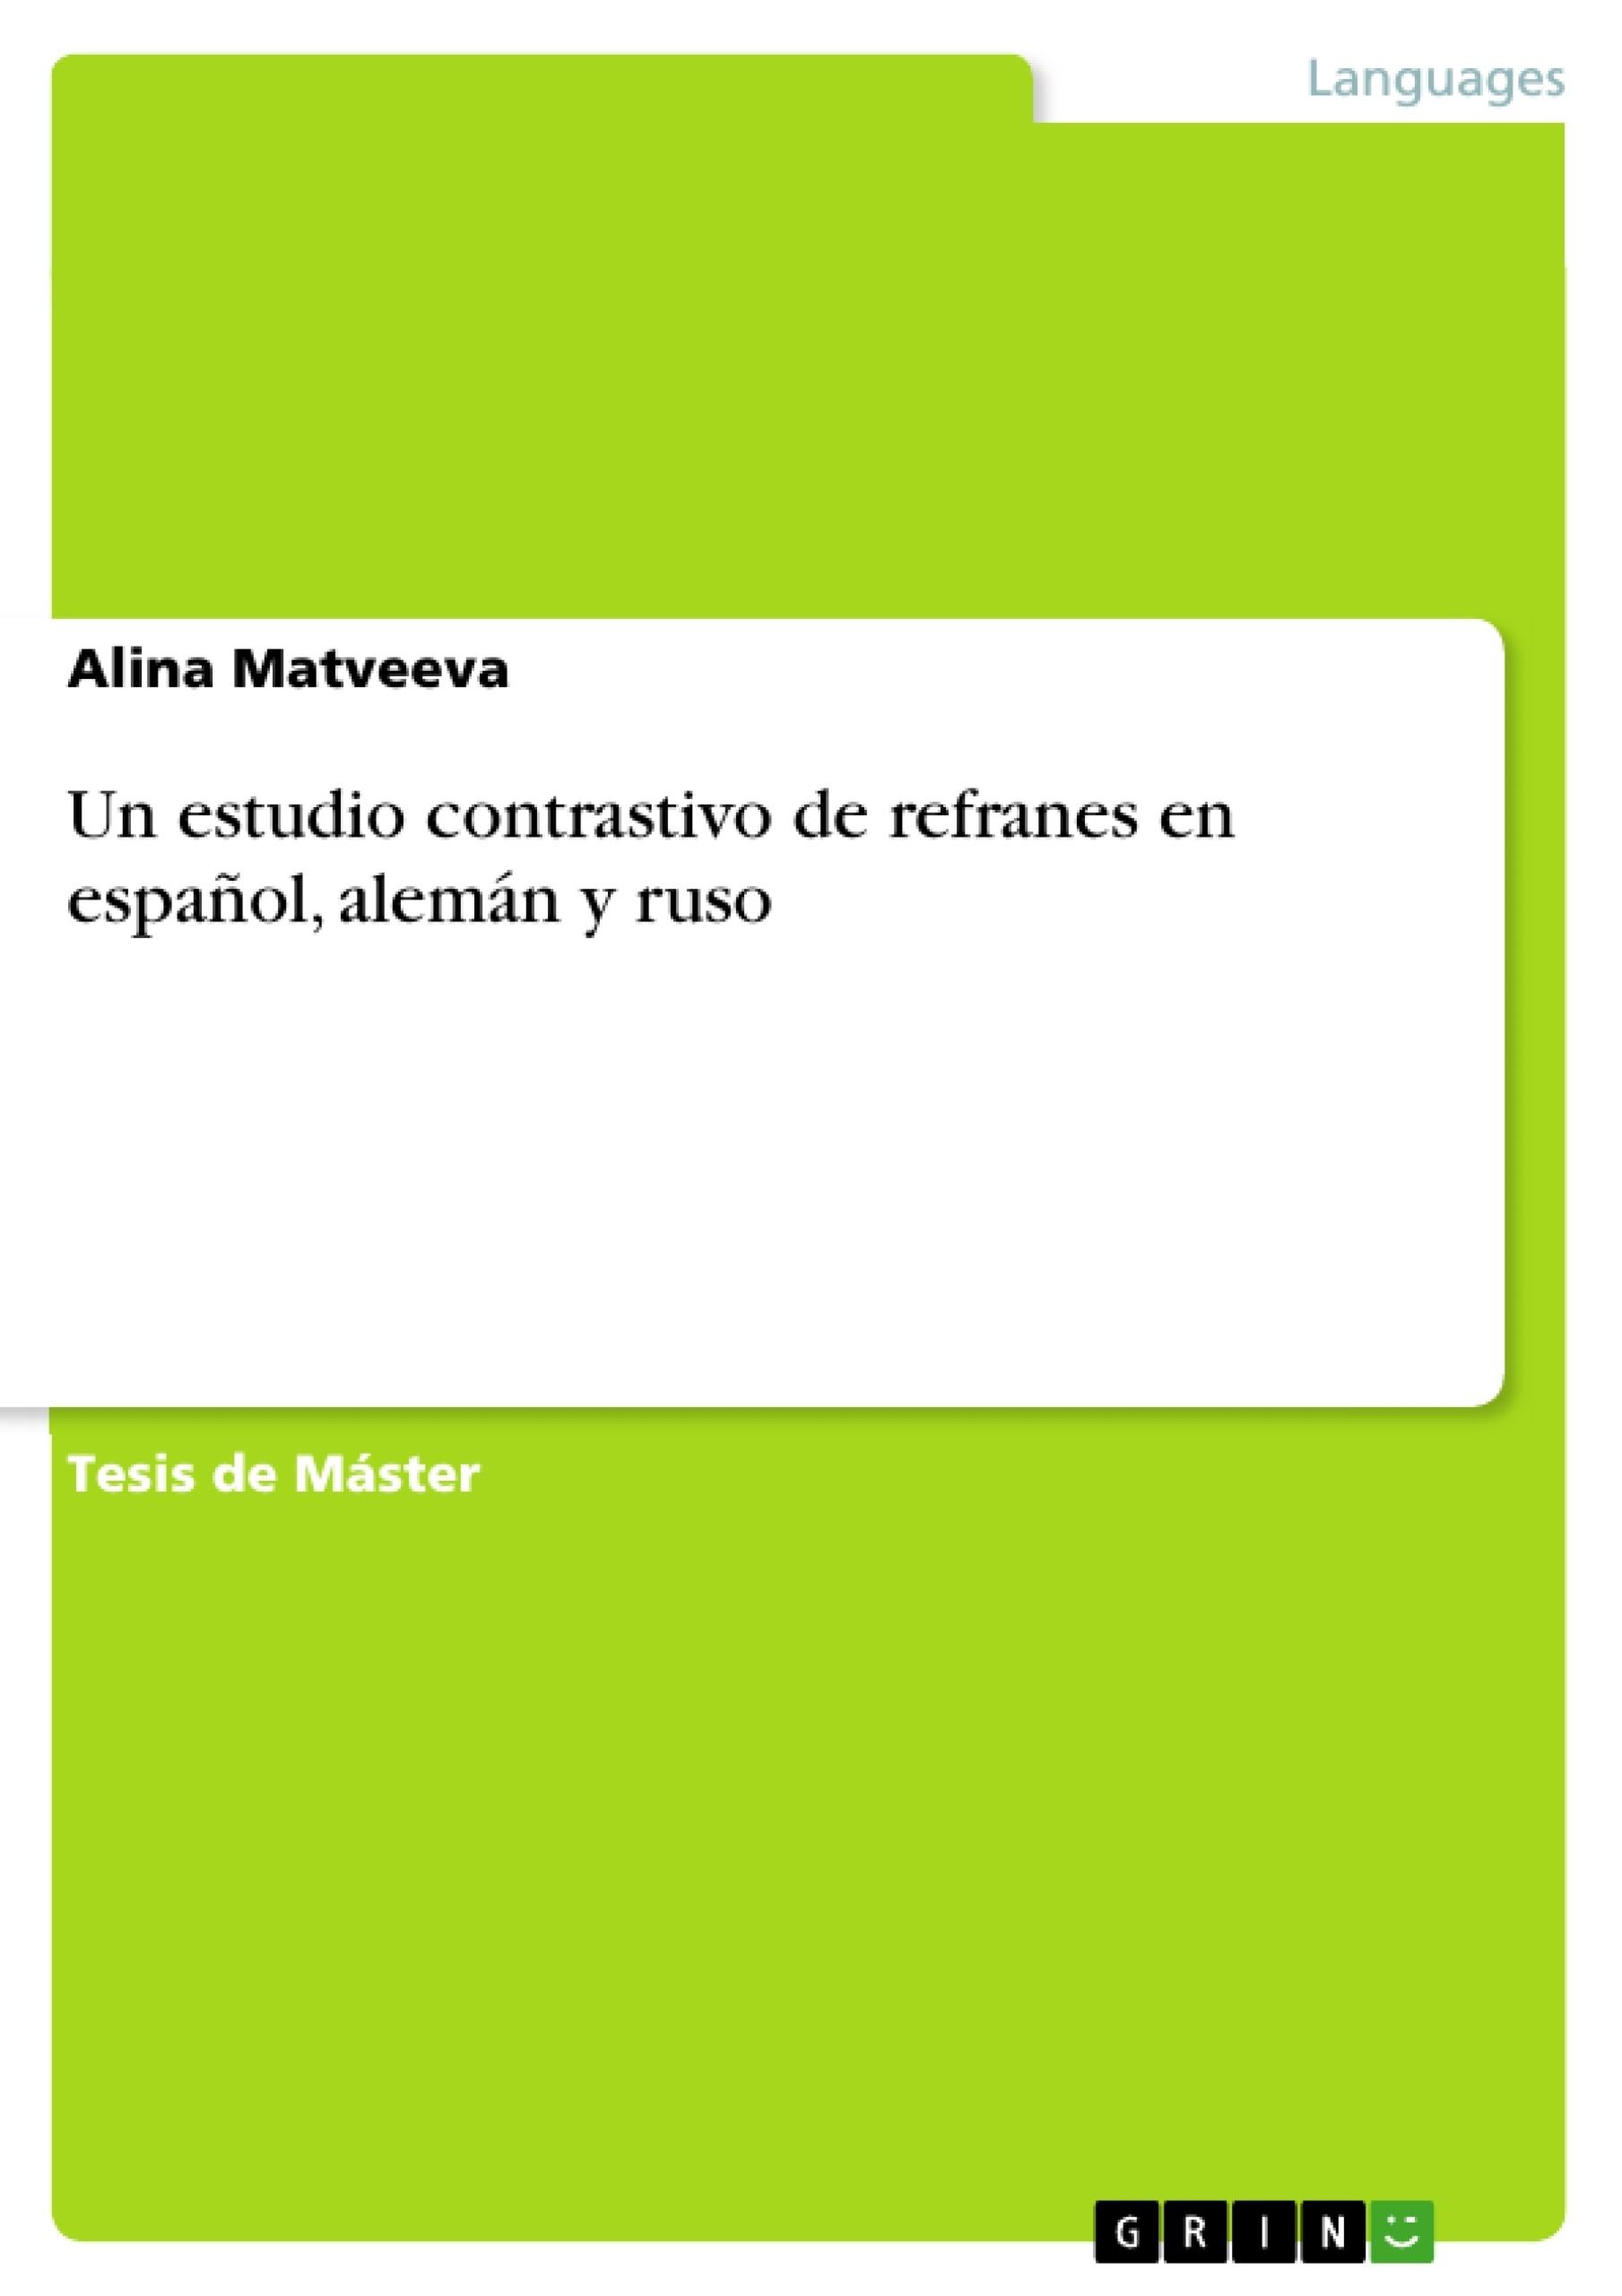 Título: Un estudio contrastivo de refranes en español, alemán y ruso